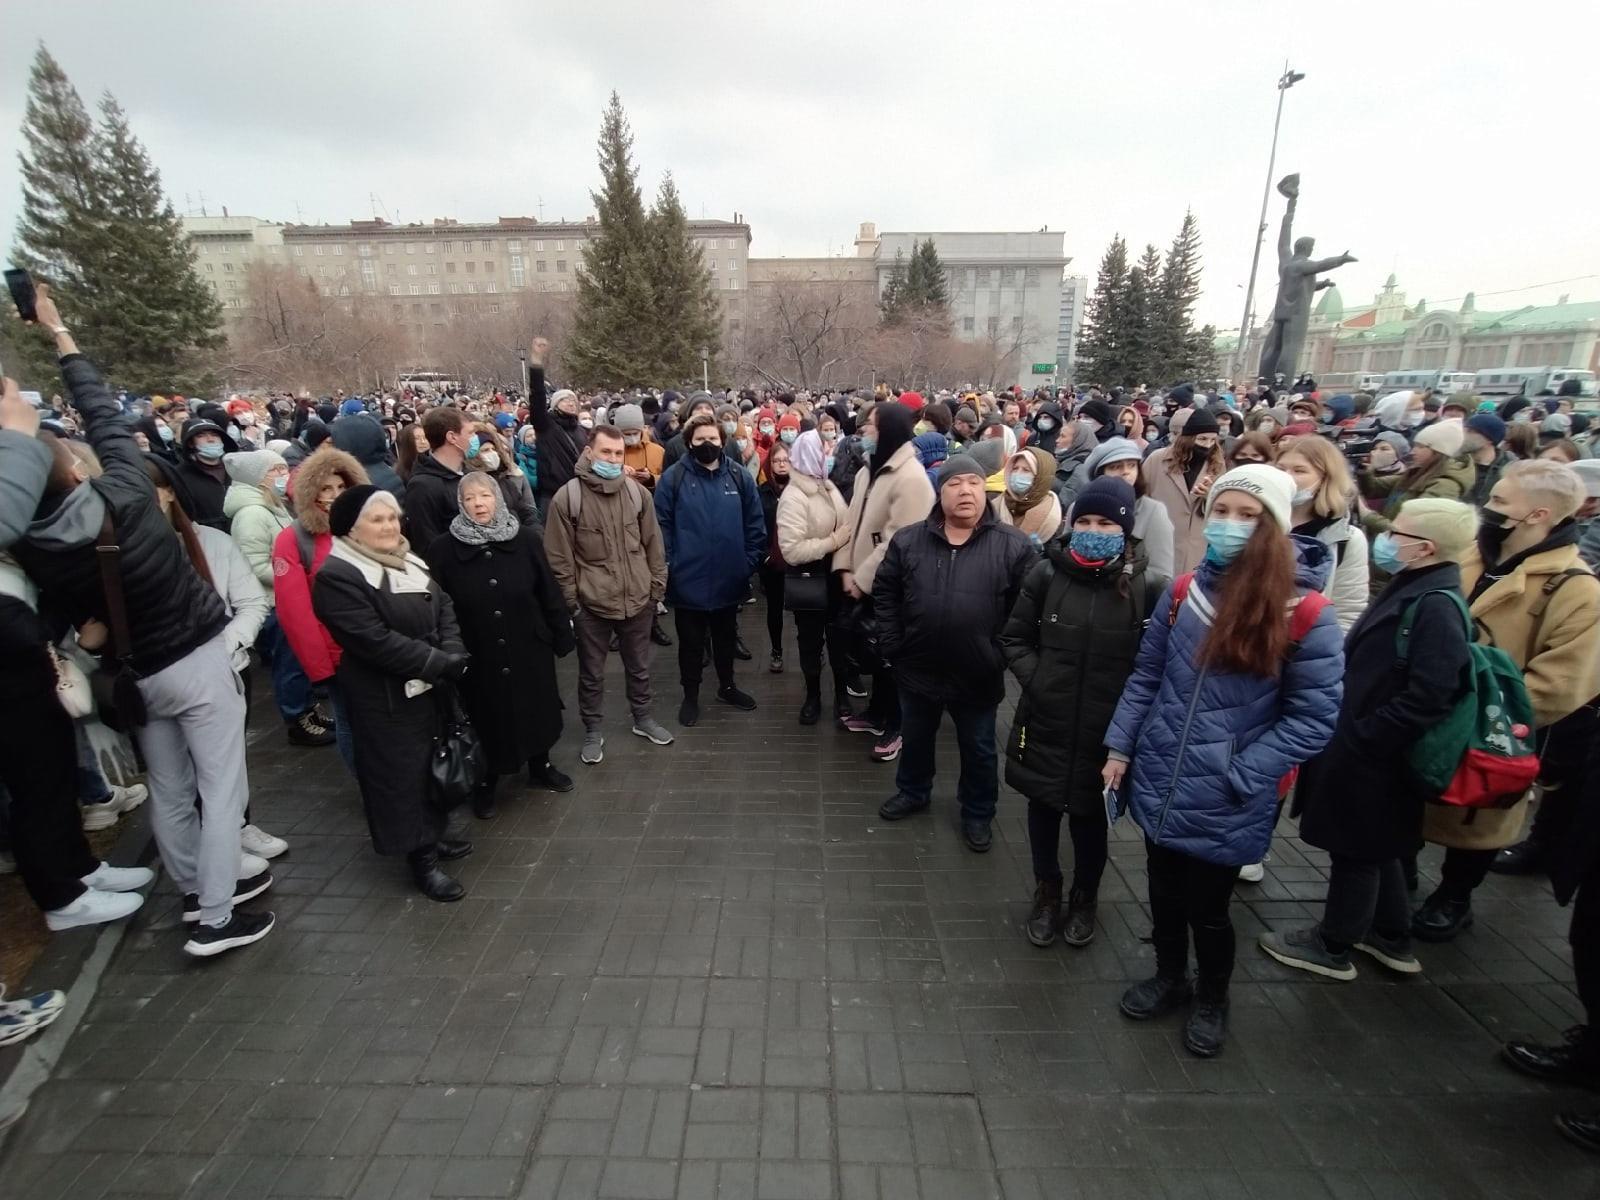 фото Послание Путина, смертельная драма у здания суда, митинг и выходные с 1 по 11 мая – итоги недели на Сиб.фм 7